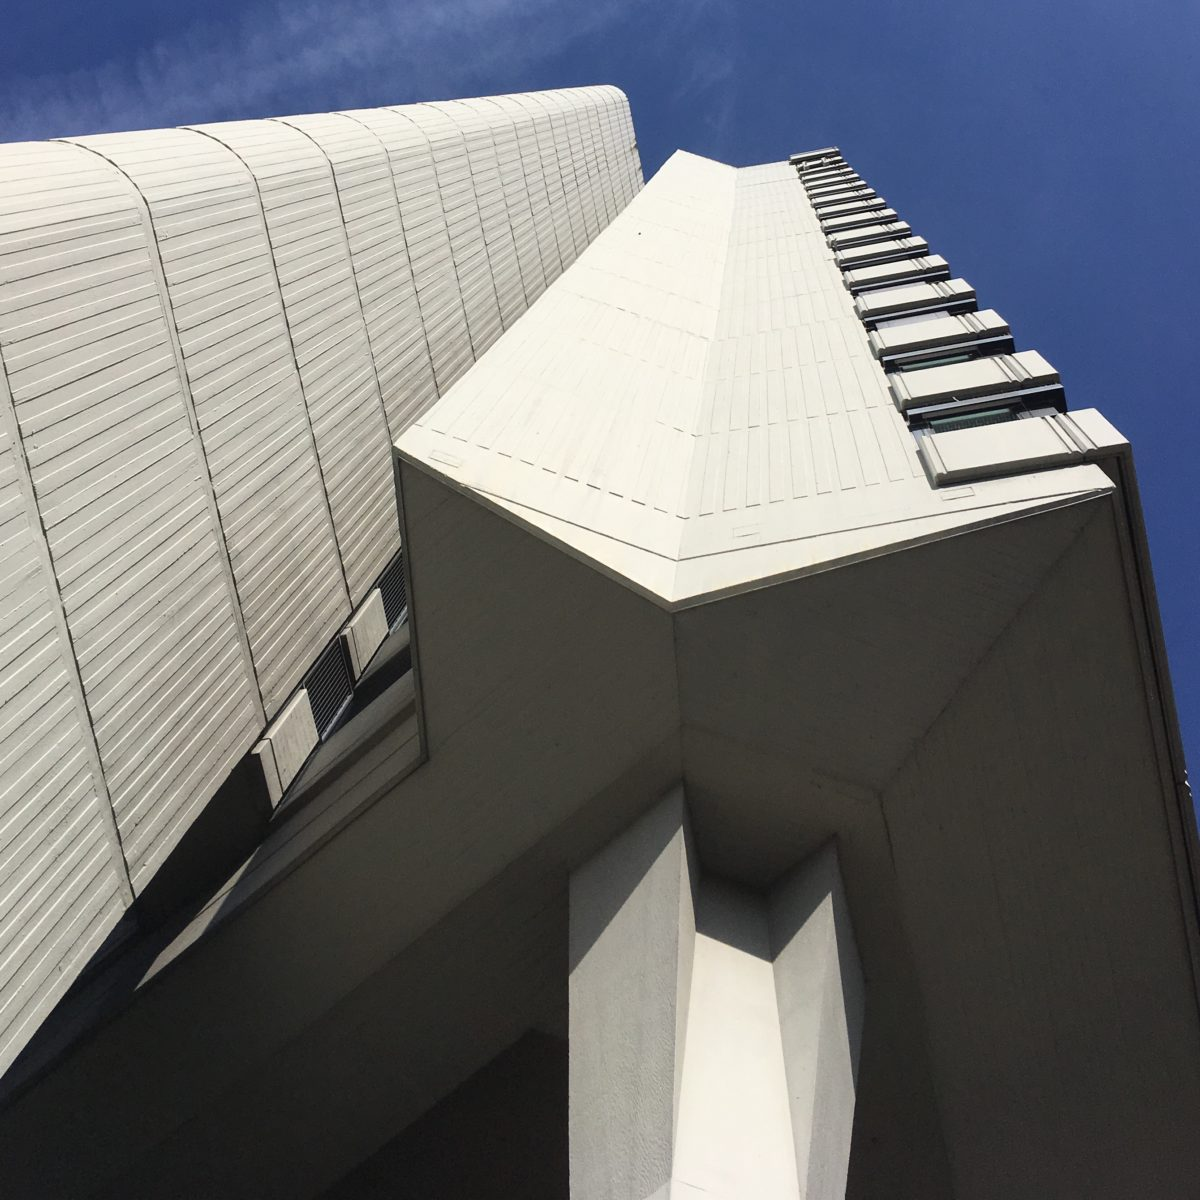 Rathaus Offenbach von unten gegen den Himmel fotografiert; gerade Linien und Flächen in Licht und Schatten